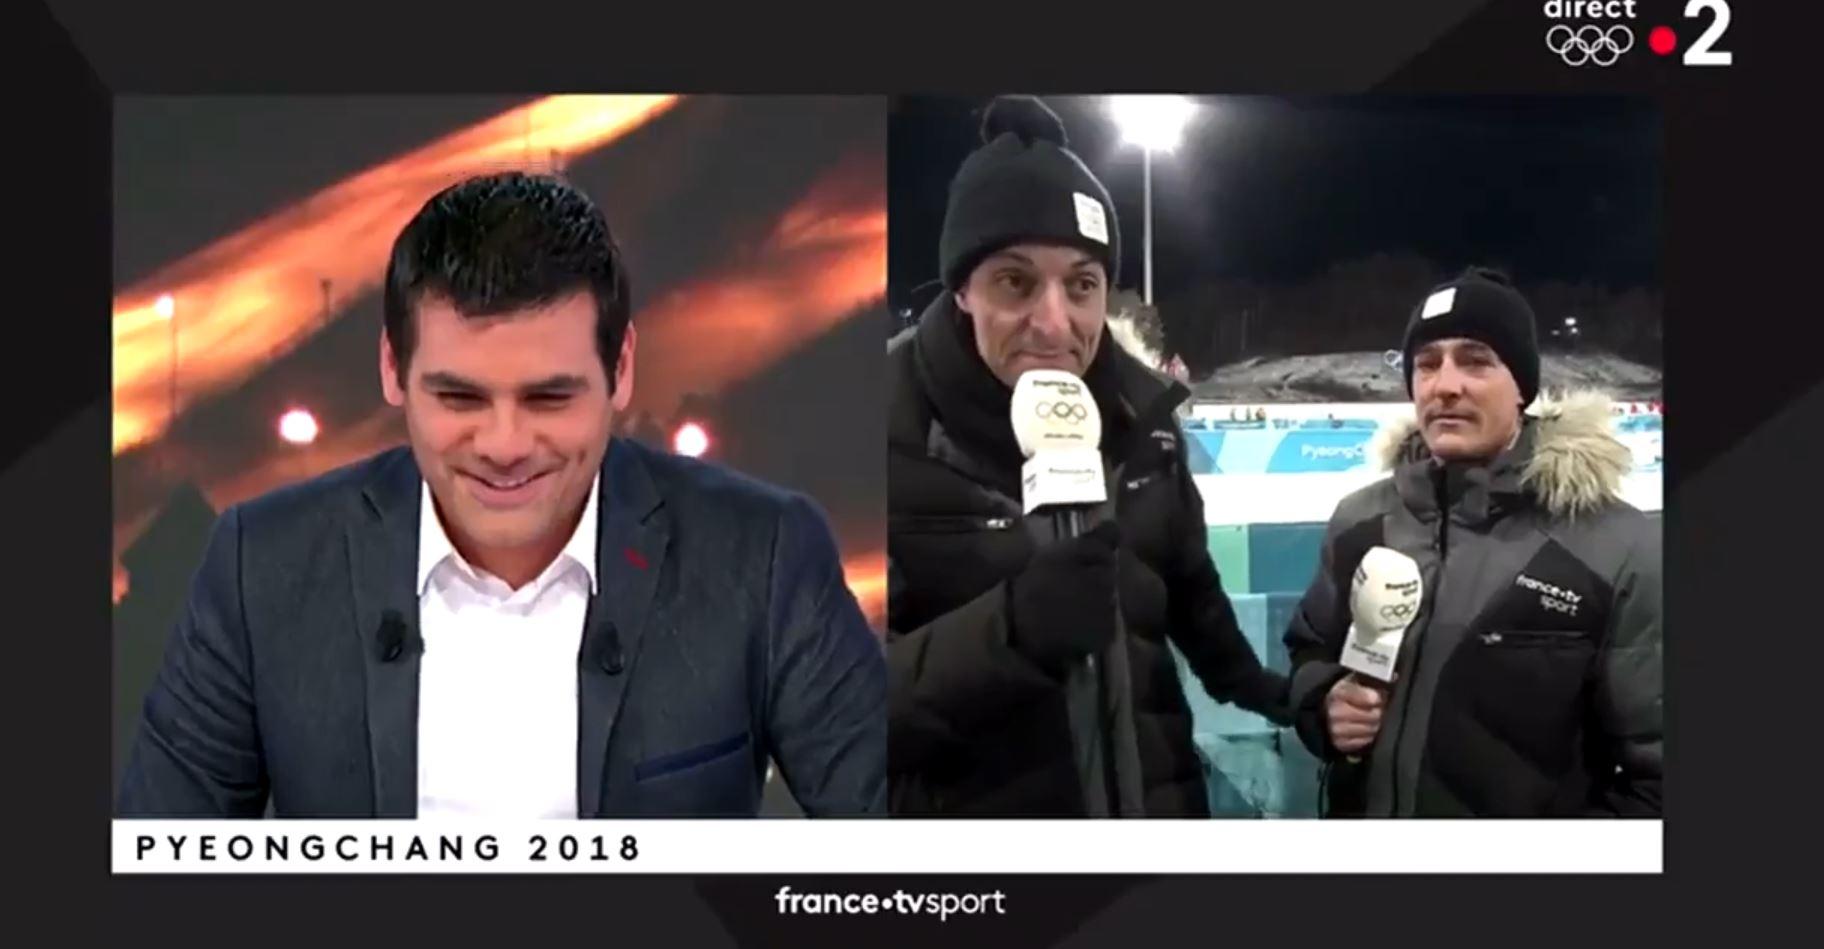 VIDÉO | Le craquage d'un journaliste français aux JO fait rire le web